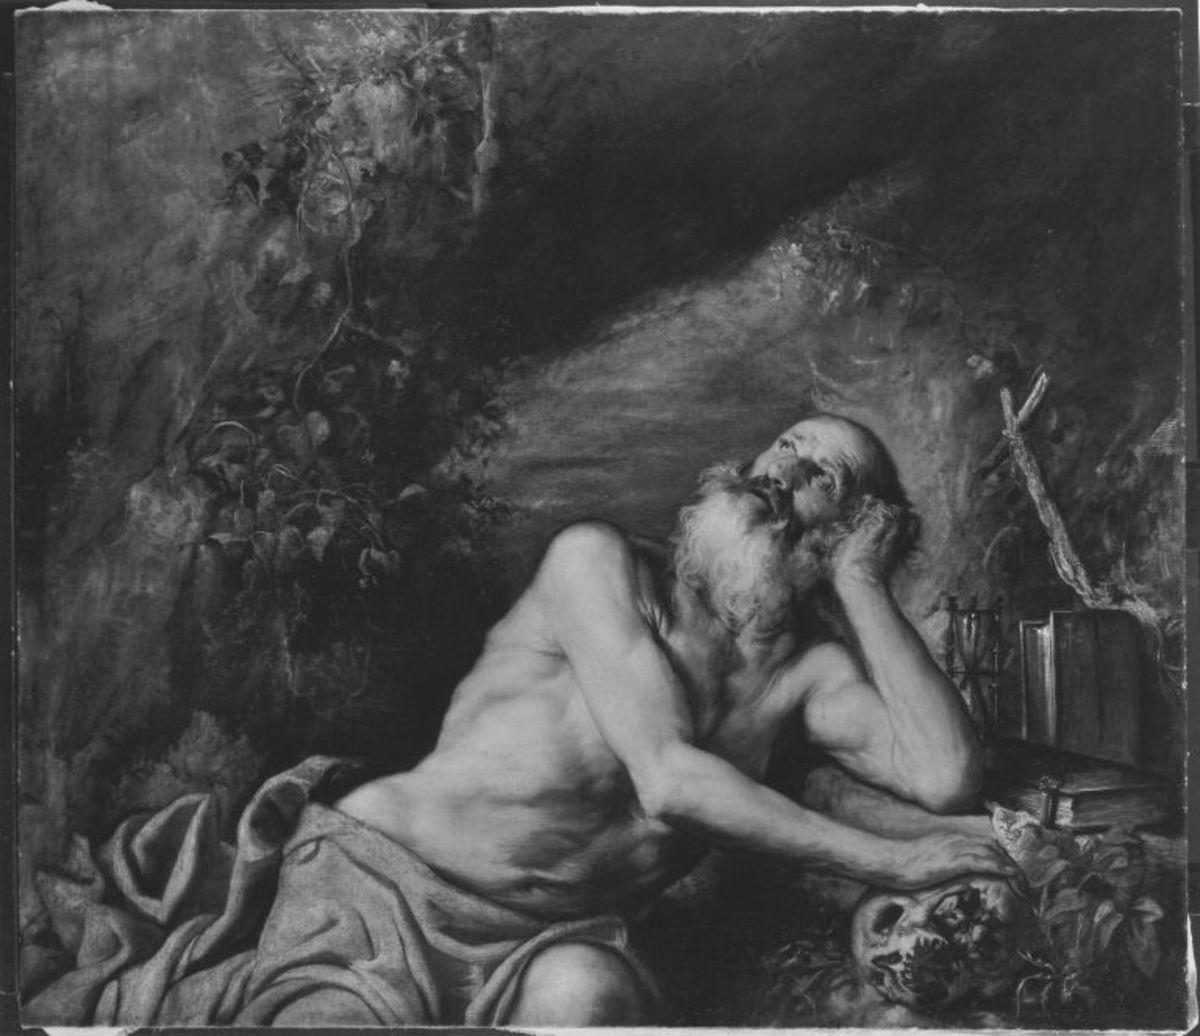 Hl. Hieronymus in der Einöde